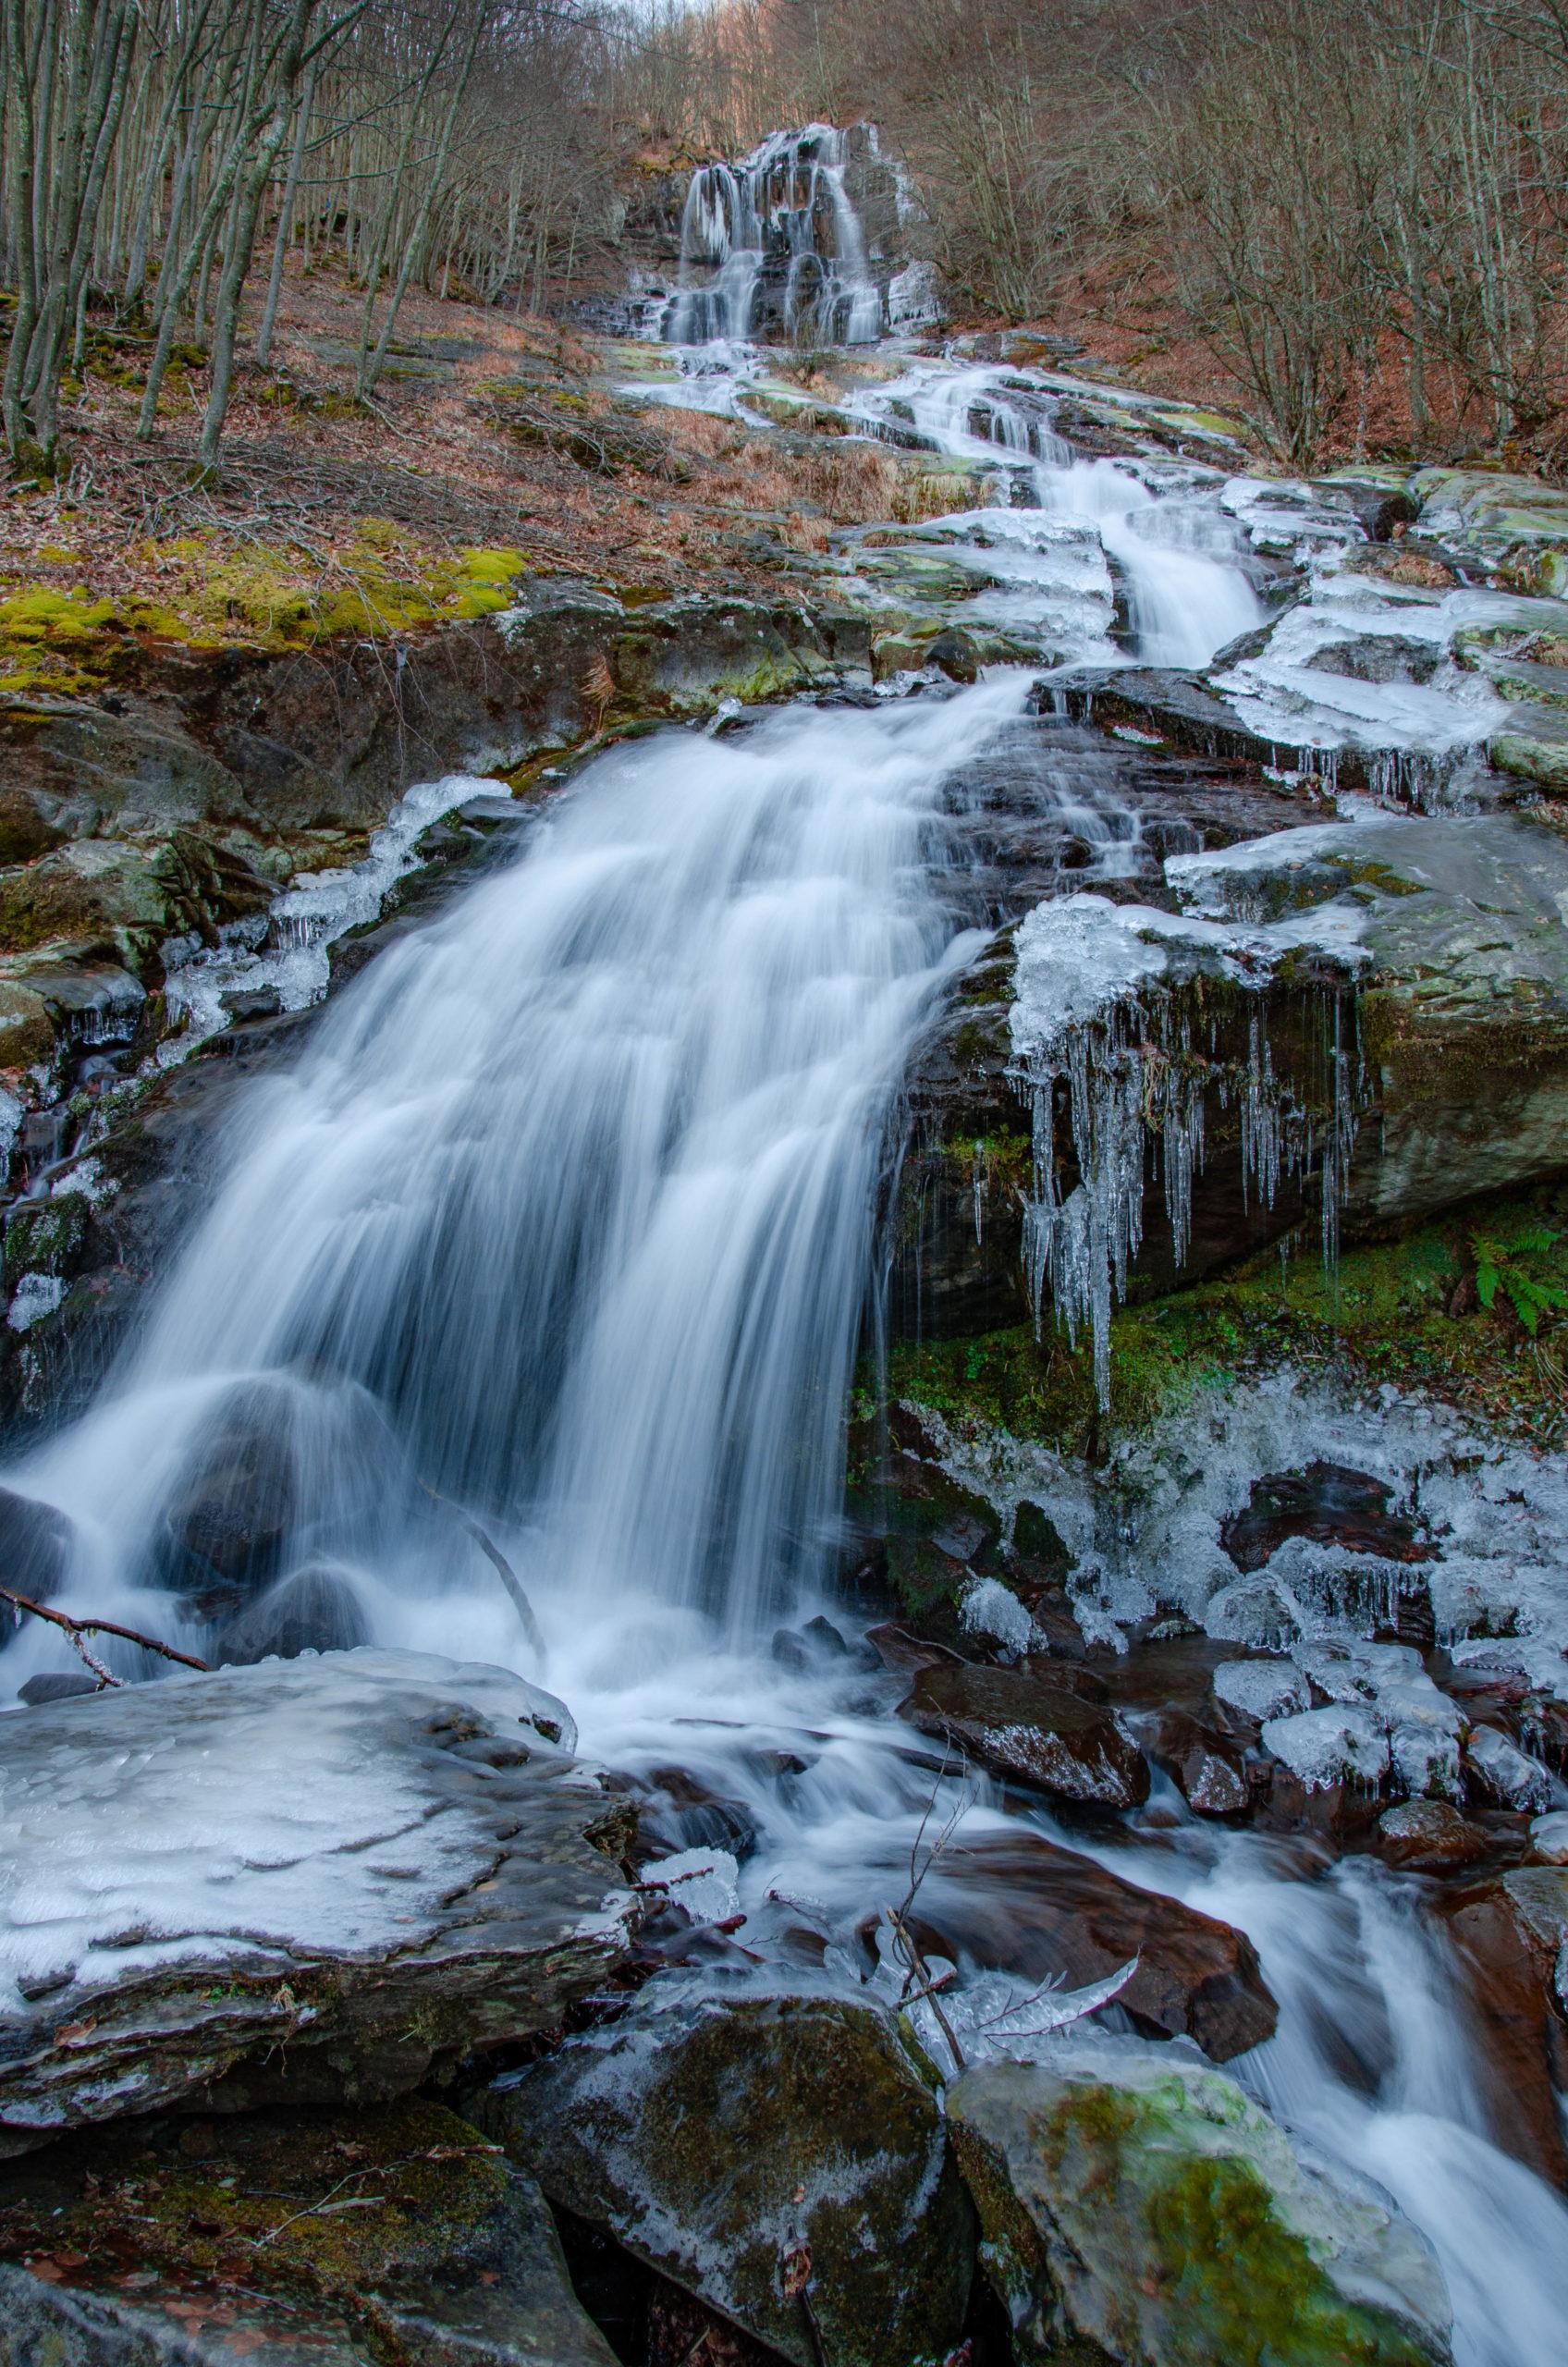 Cascata del Doccione - Doccione Falls